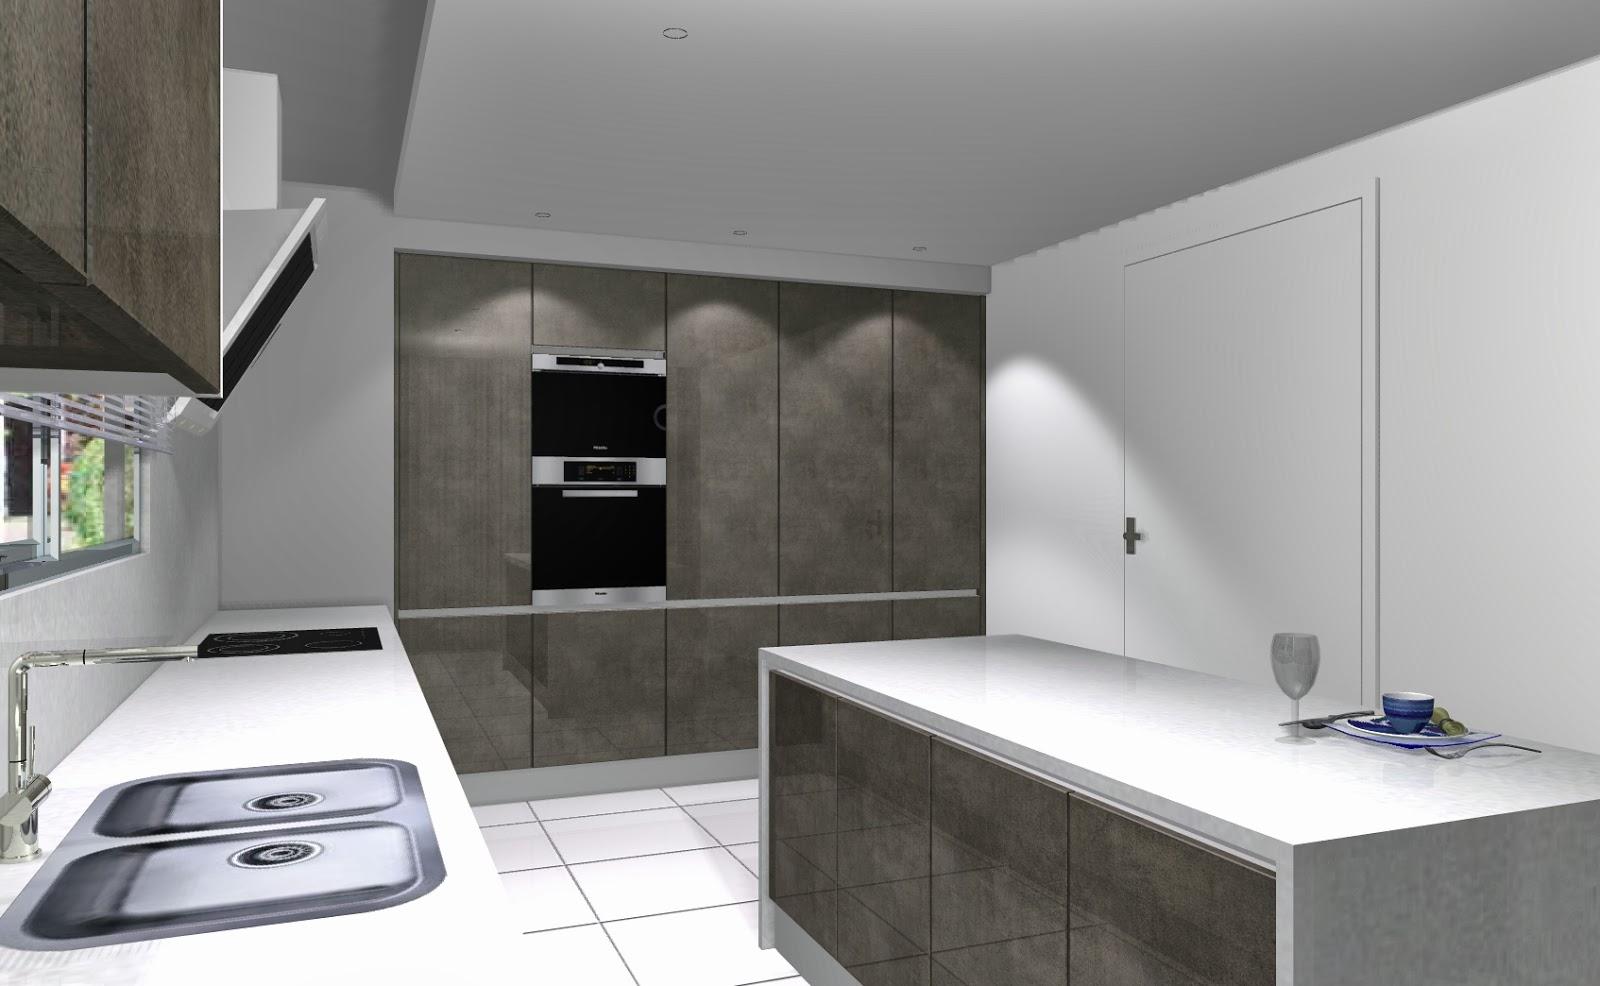 Celeiro do Móvel: Cozinha moderna 3D o branco! #627A51 1600 986